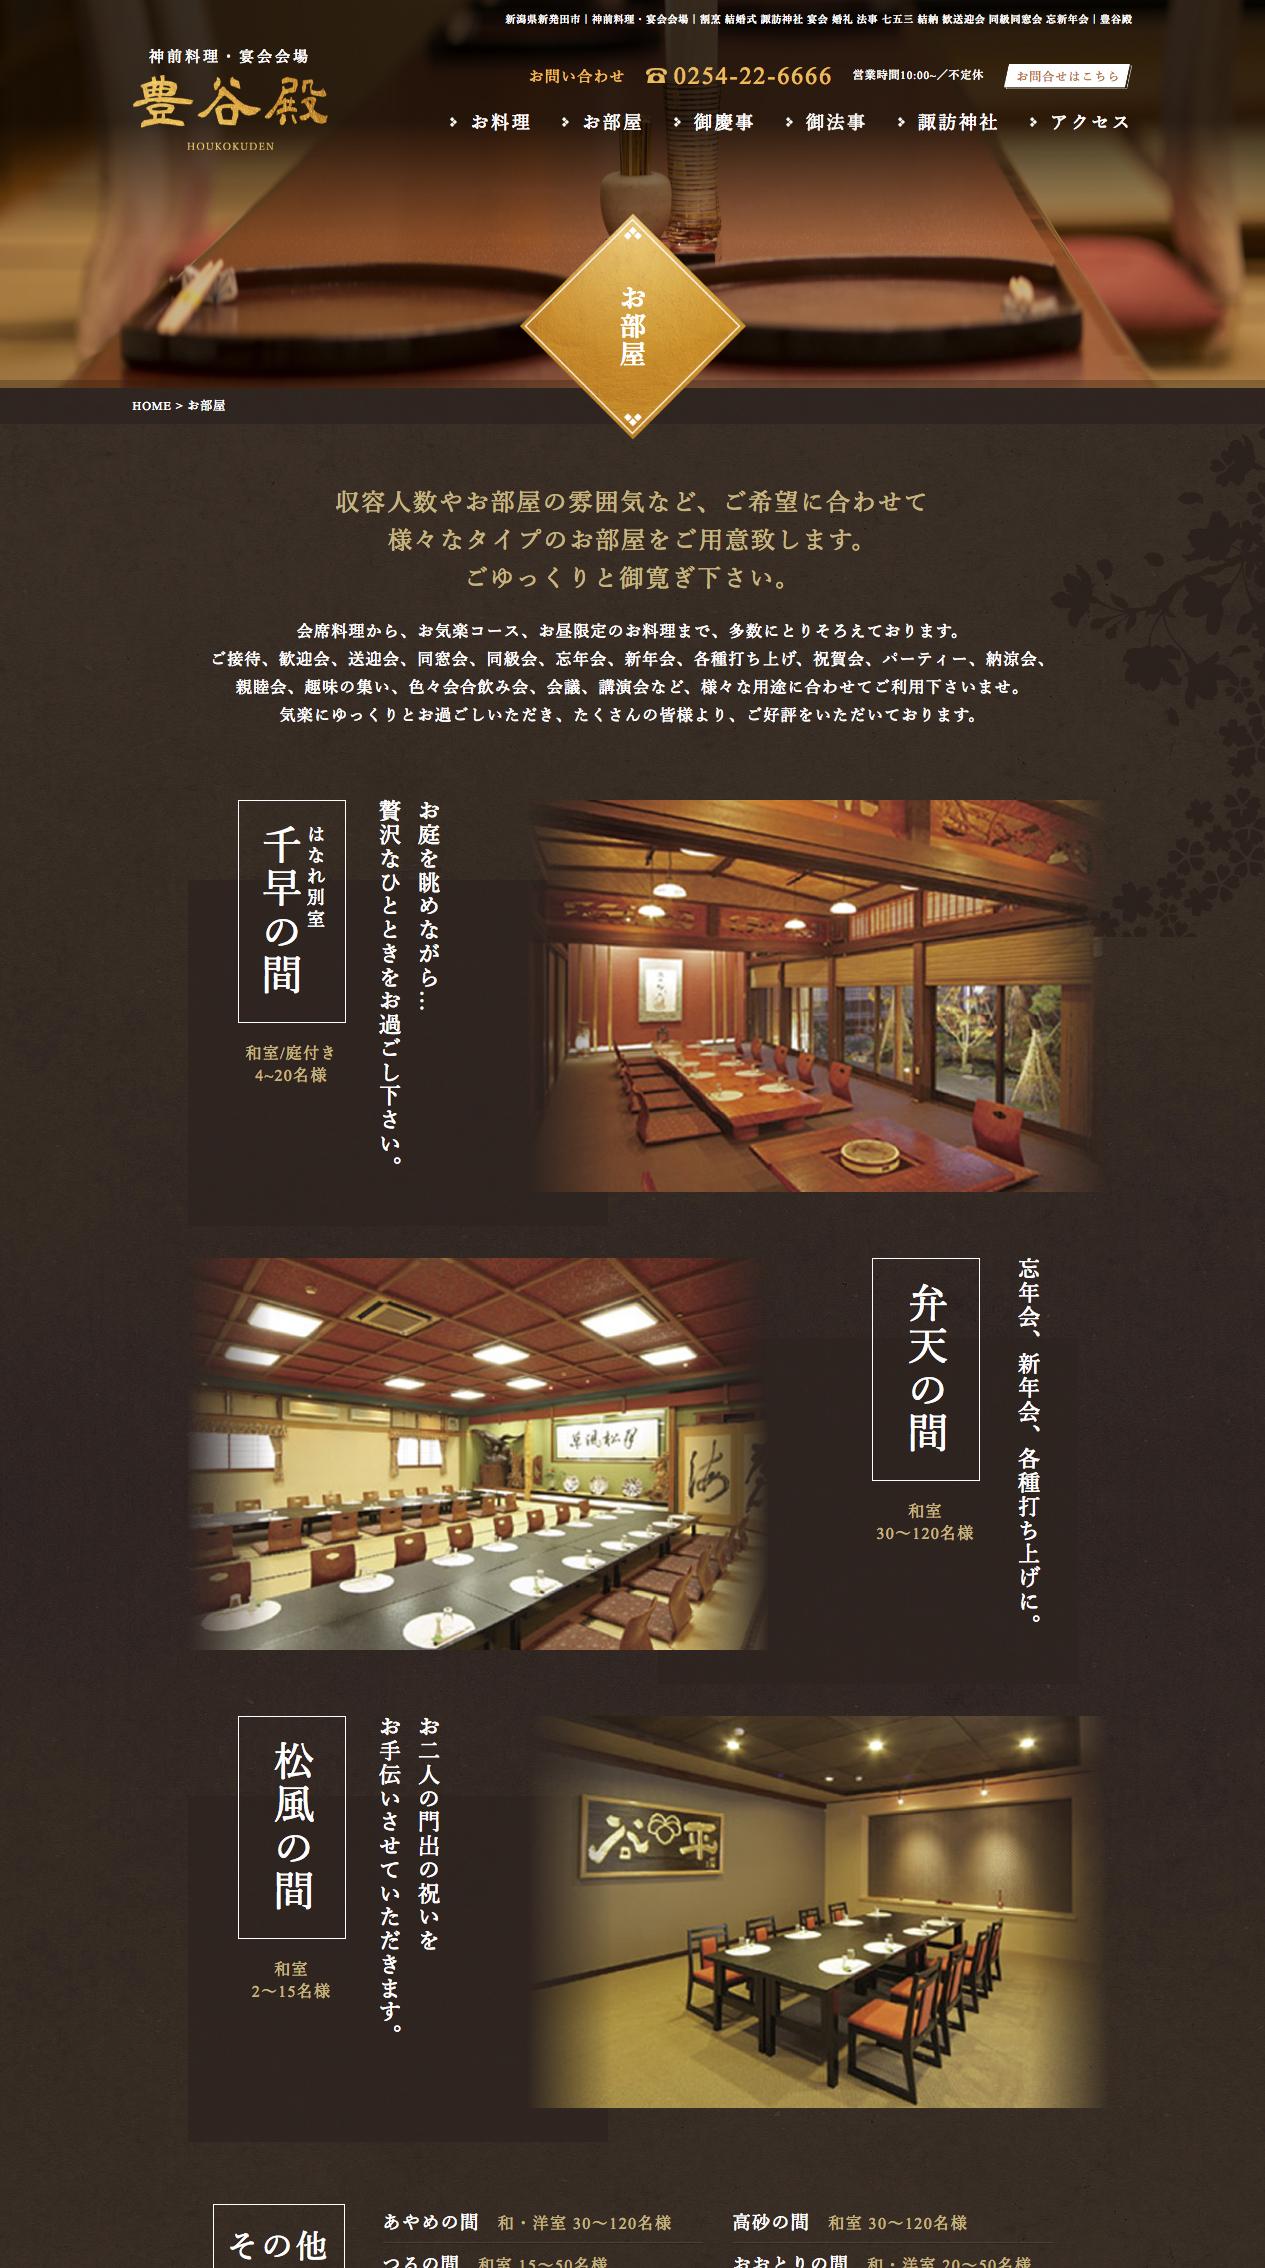 豊谷殿 様のホームページ